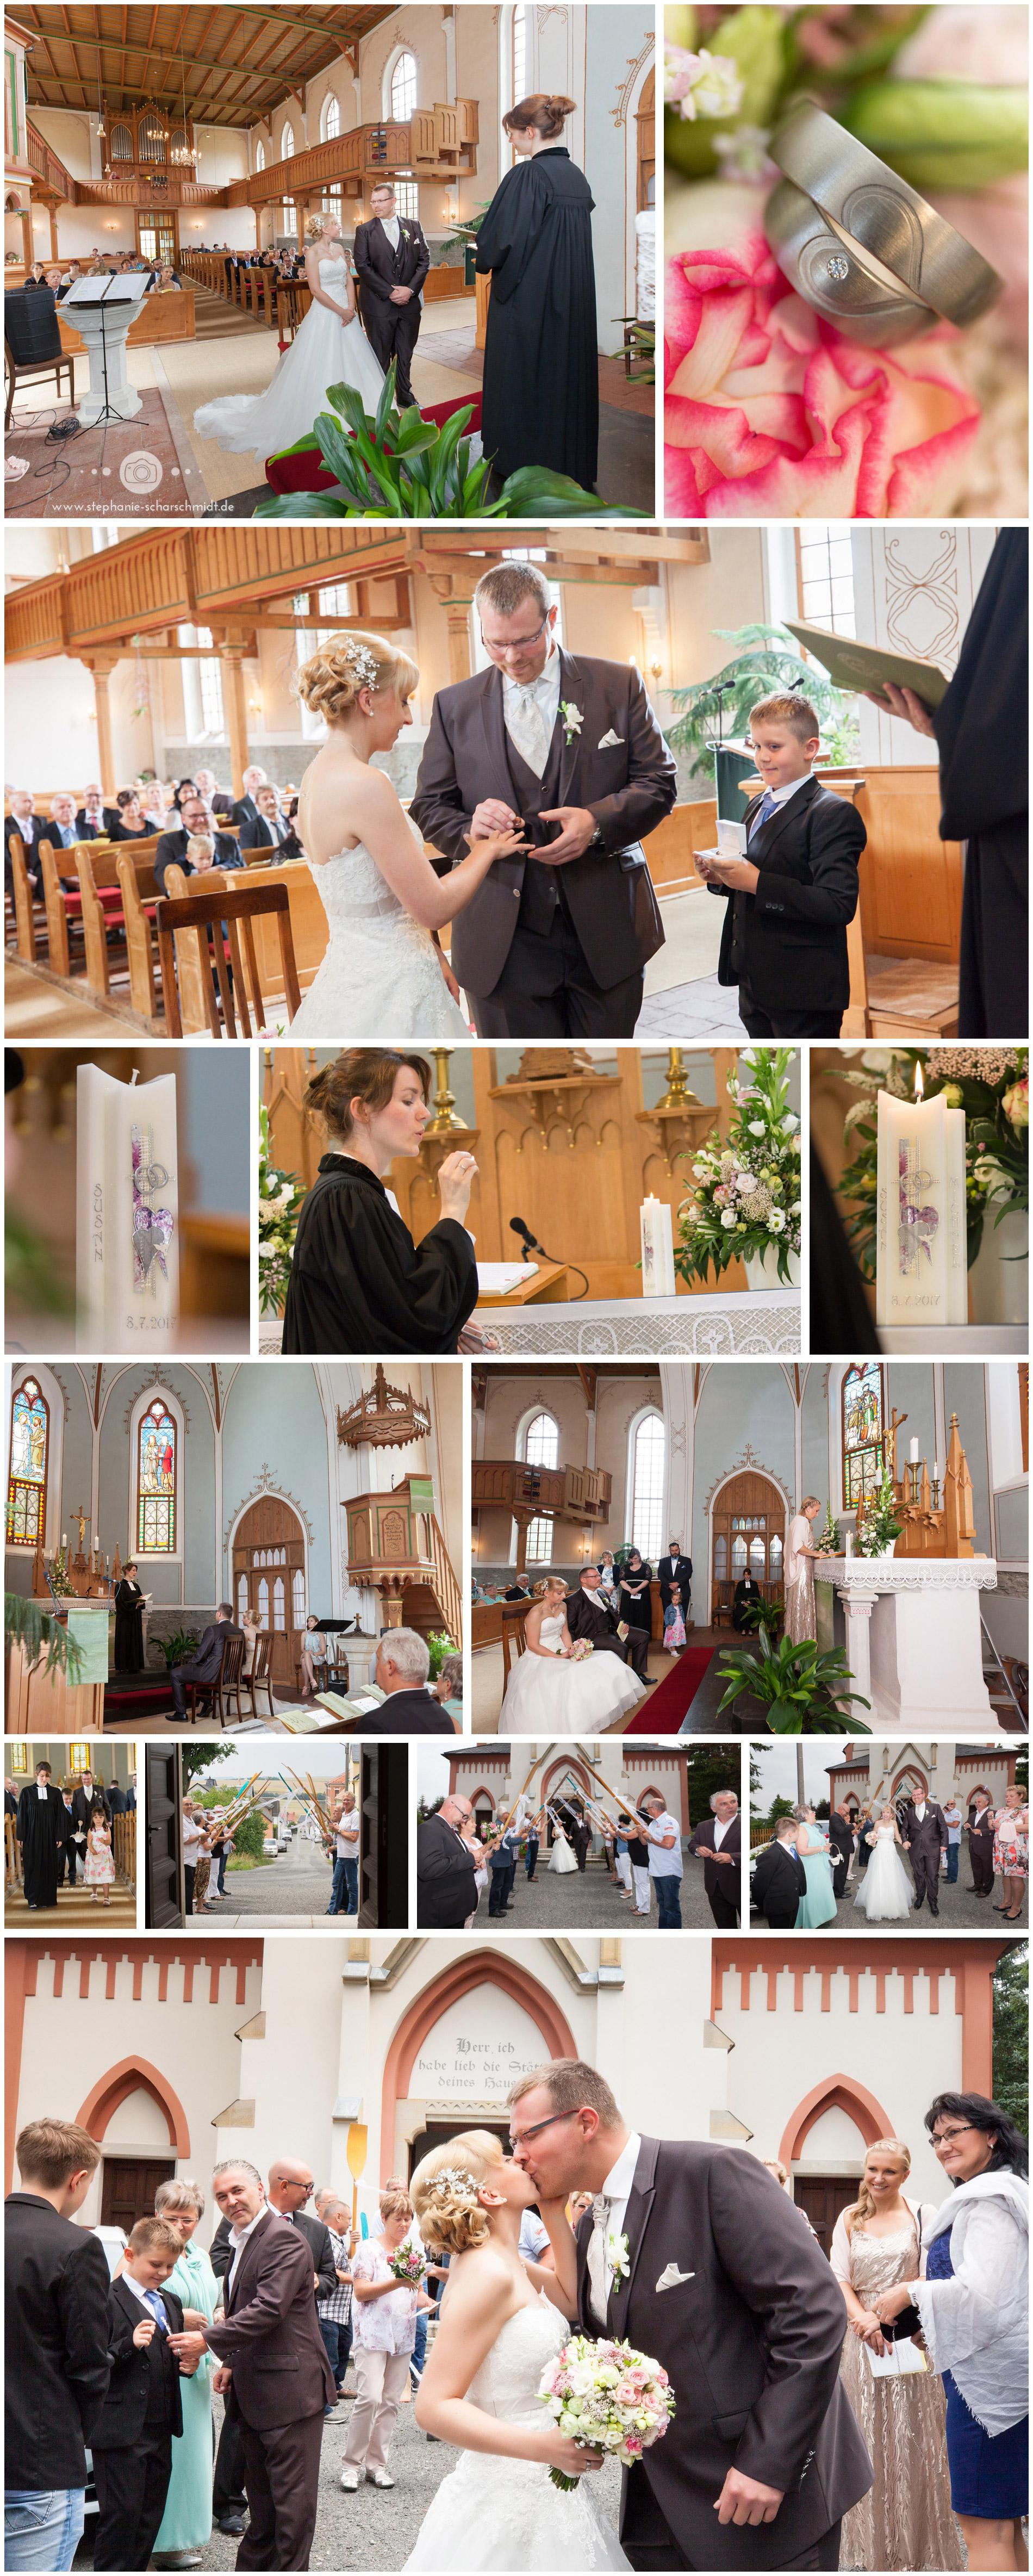 Hochzeit Evangelisch-Lutherische Kirchgemeinde St. Jakobus Reinsdorf – Fotograf Reinsdorf Stephanie Scharschmidt